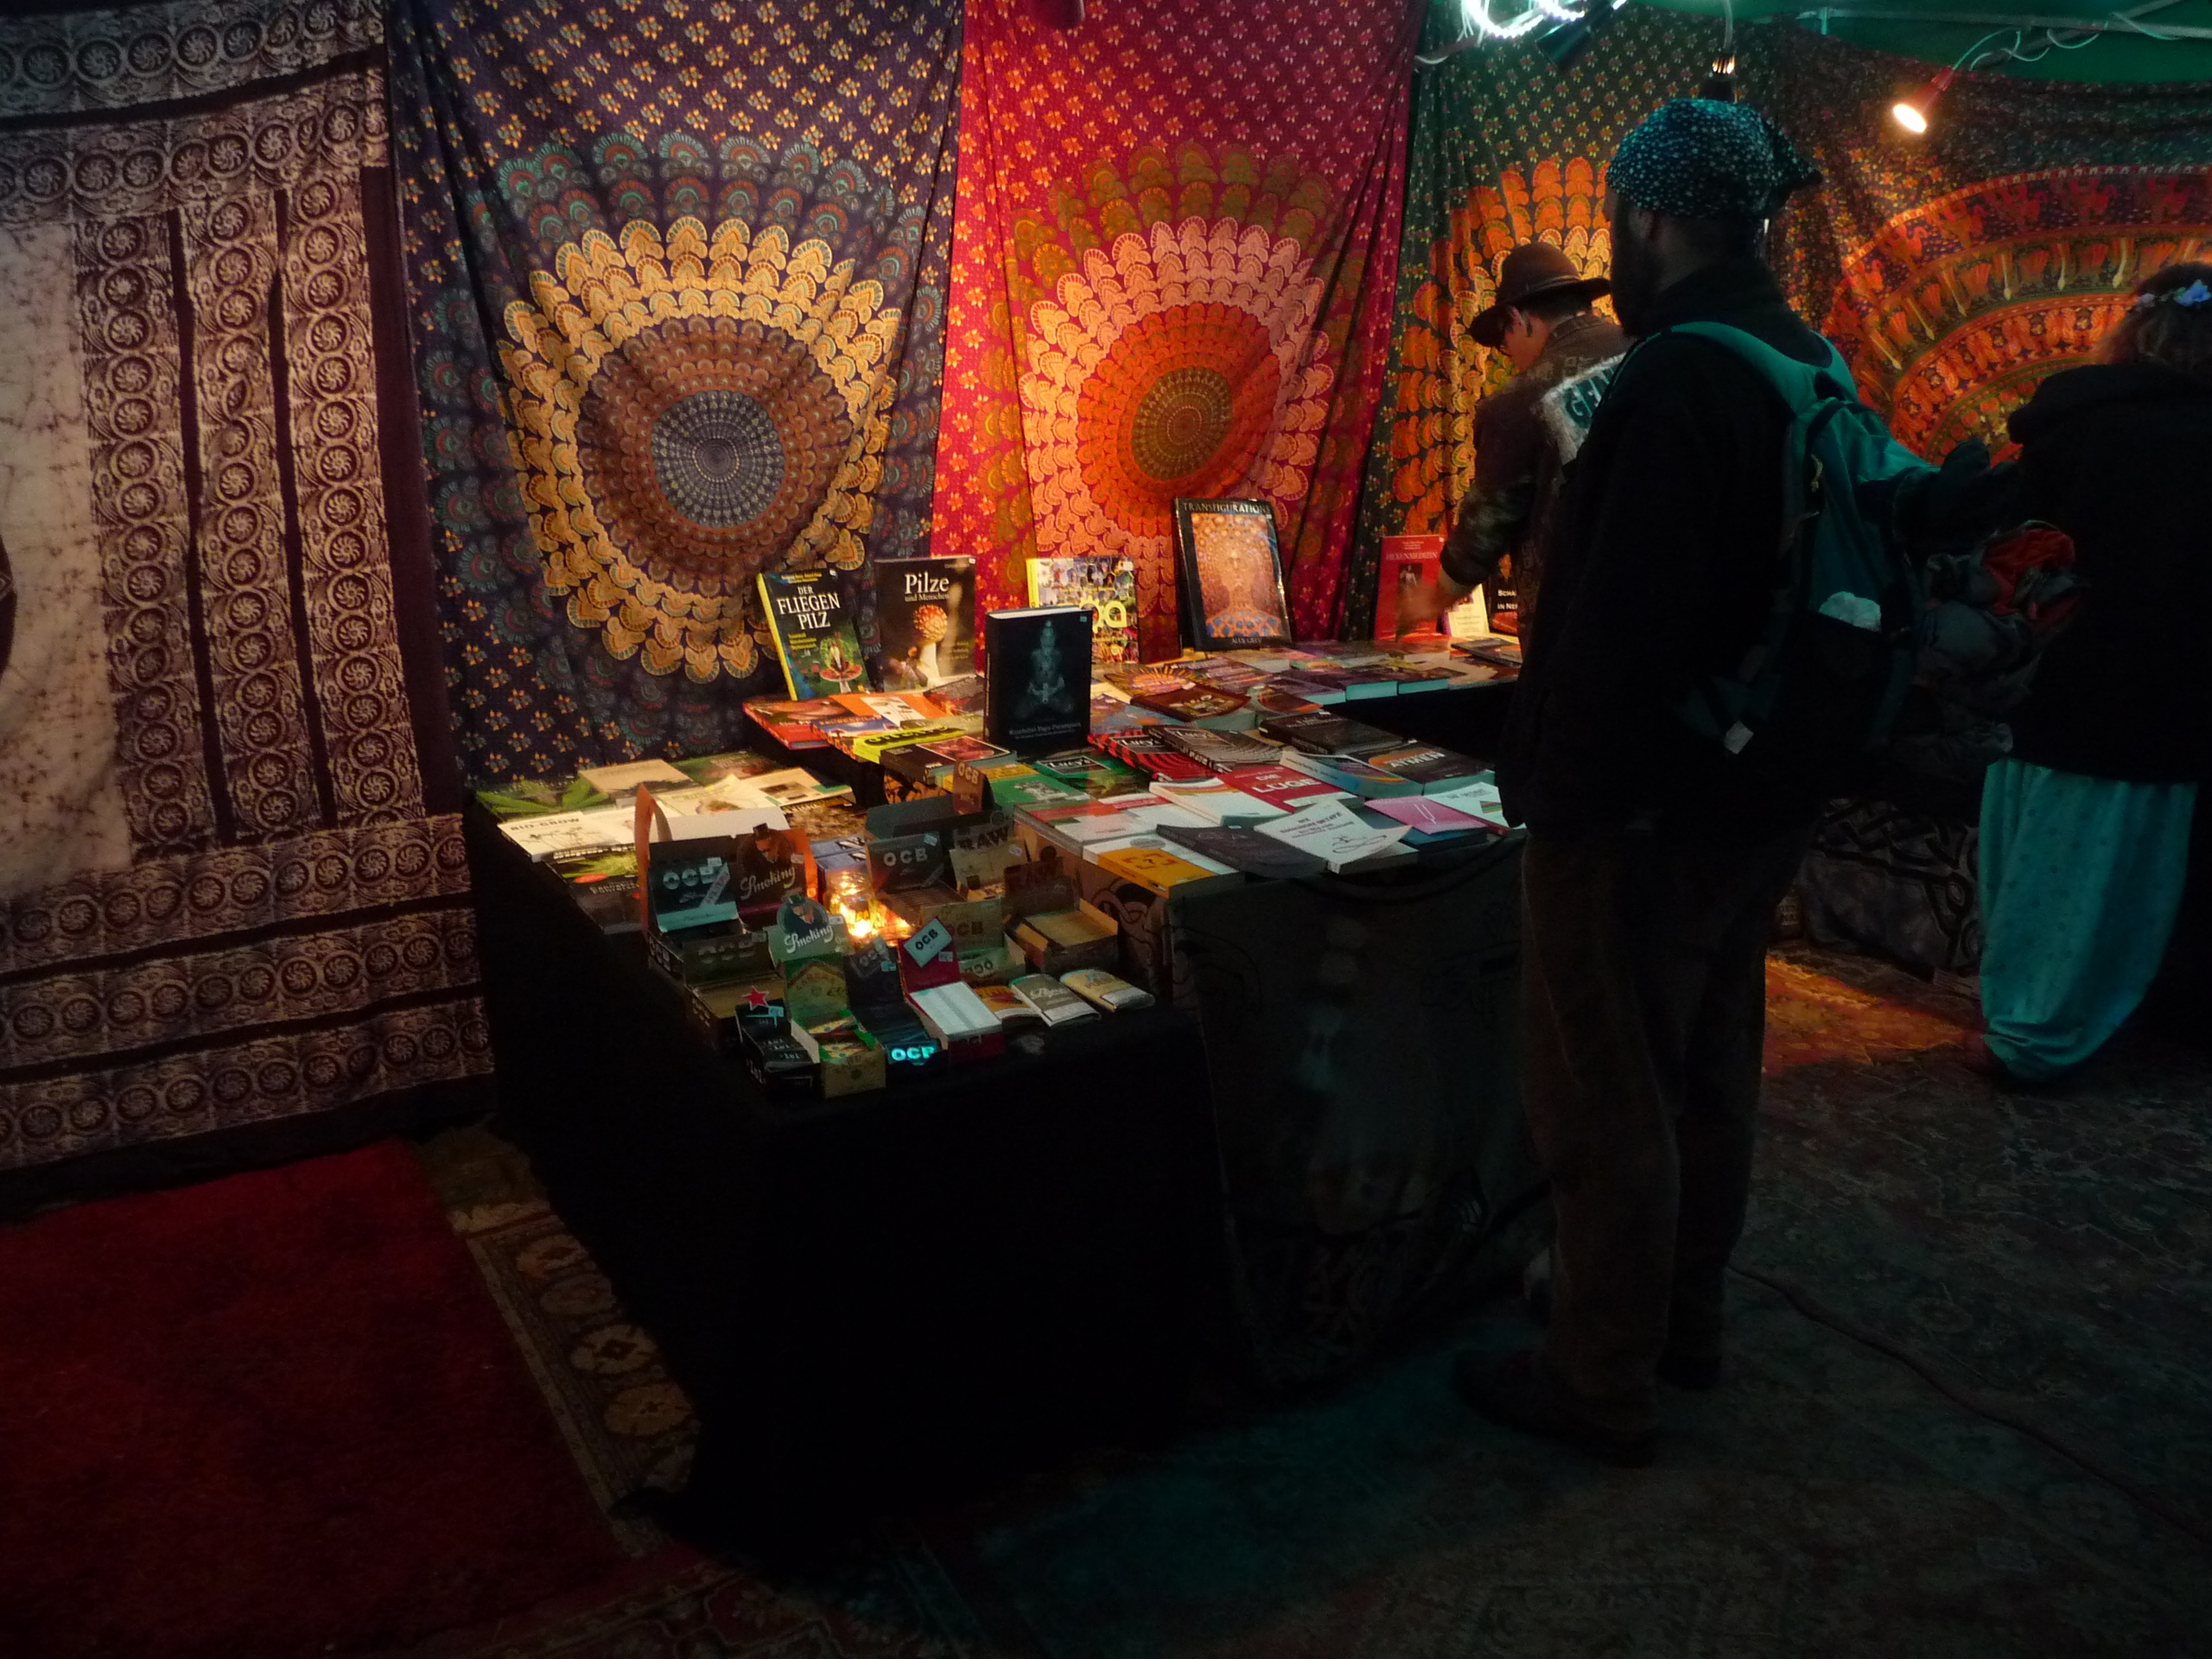 Abbildung 2 zeigt einen Teil des im gleichen Zelt untergebrachten Bücherstandes (Magus Aquarius Antiquariat) auf dem Goa Gil Ritual 2016. Foto: Doro Tops (CC BY-SA 3.0 DE)